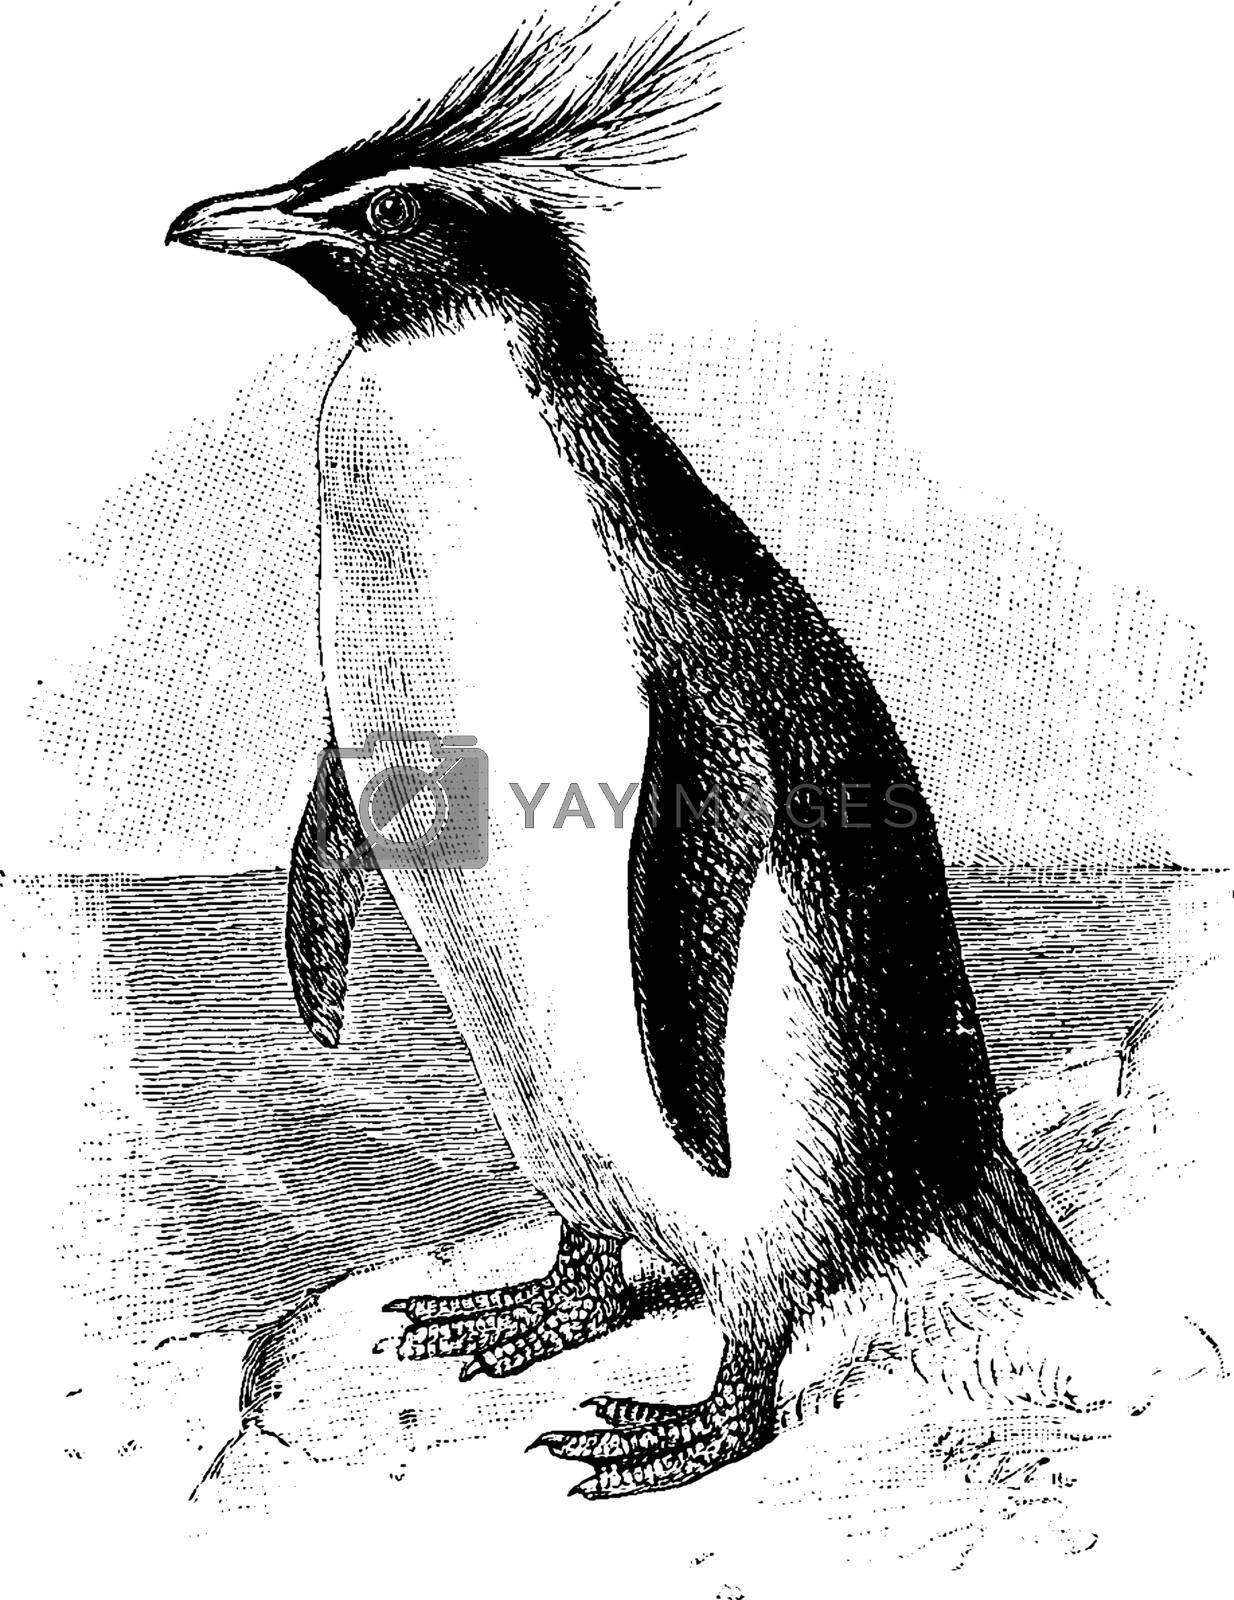 Southern Rockhopper Penguin, vintage illustration. by Morphart